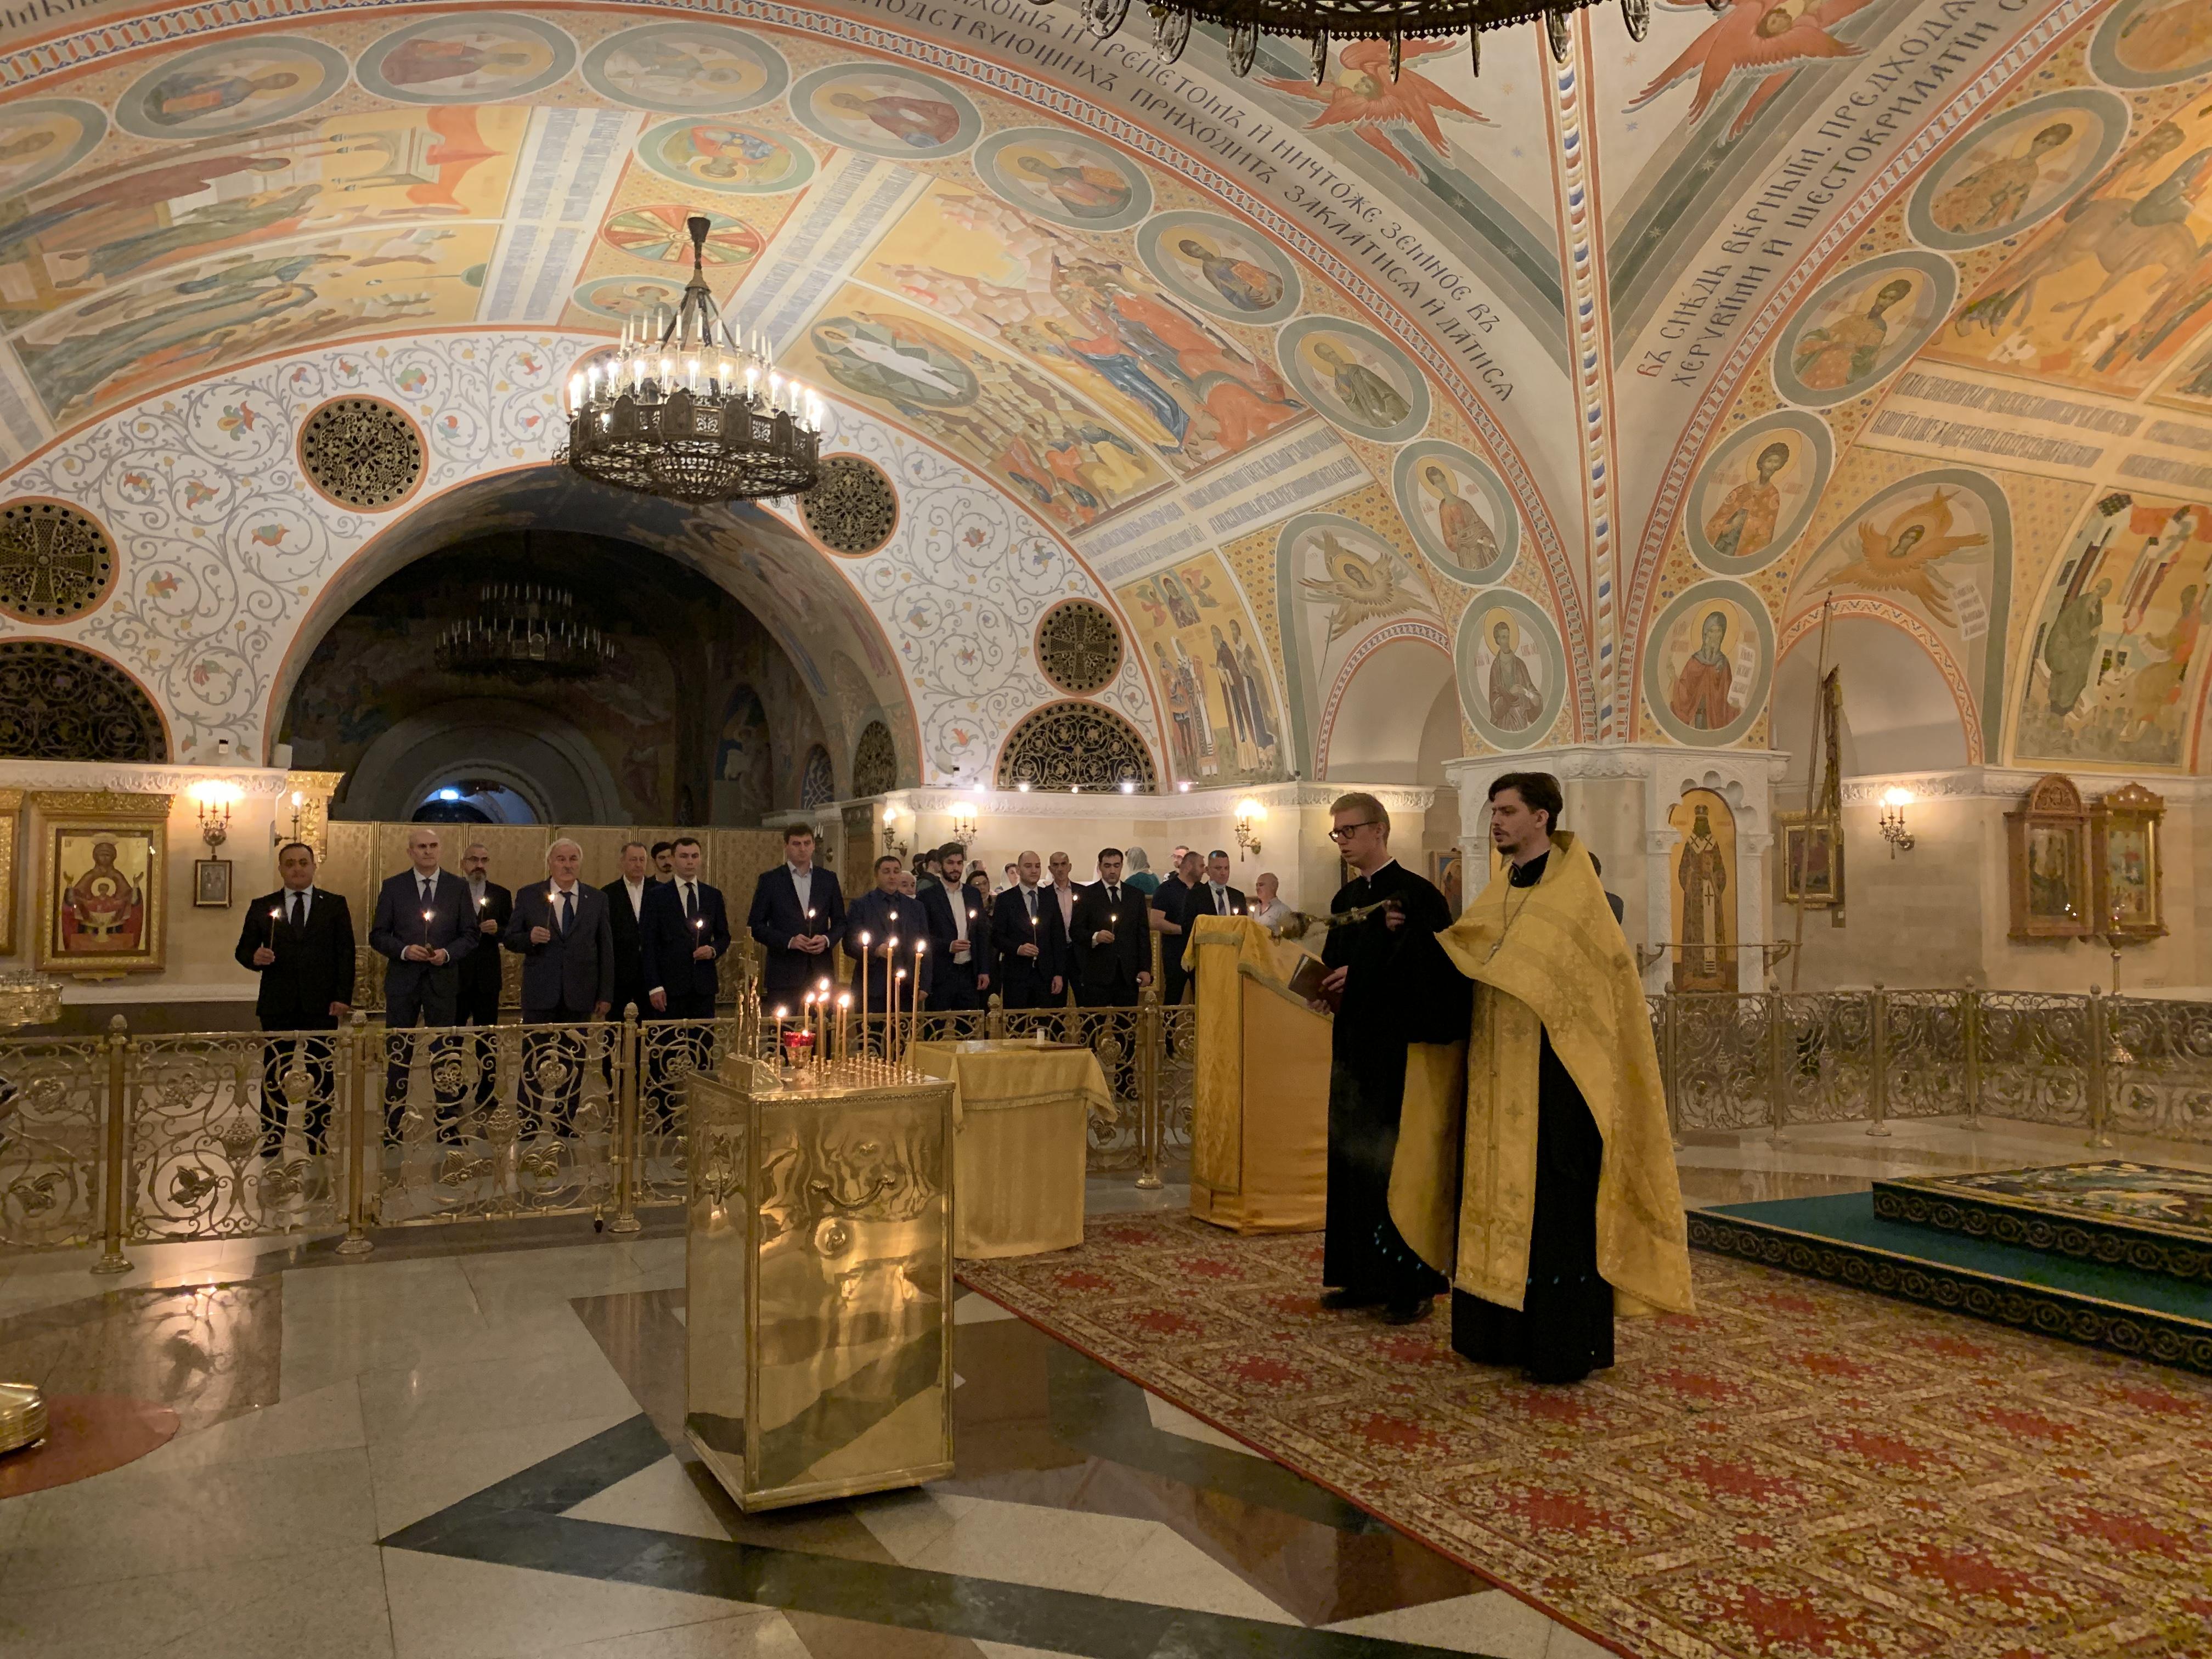 В Храме Христа Спасителя состоялся молебен по погибшим в войне 2008 года